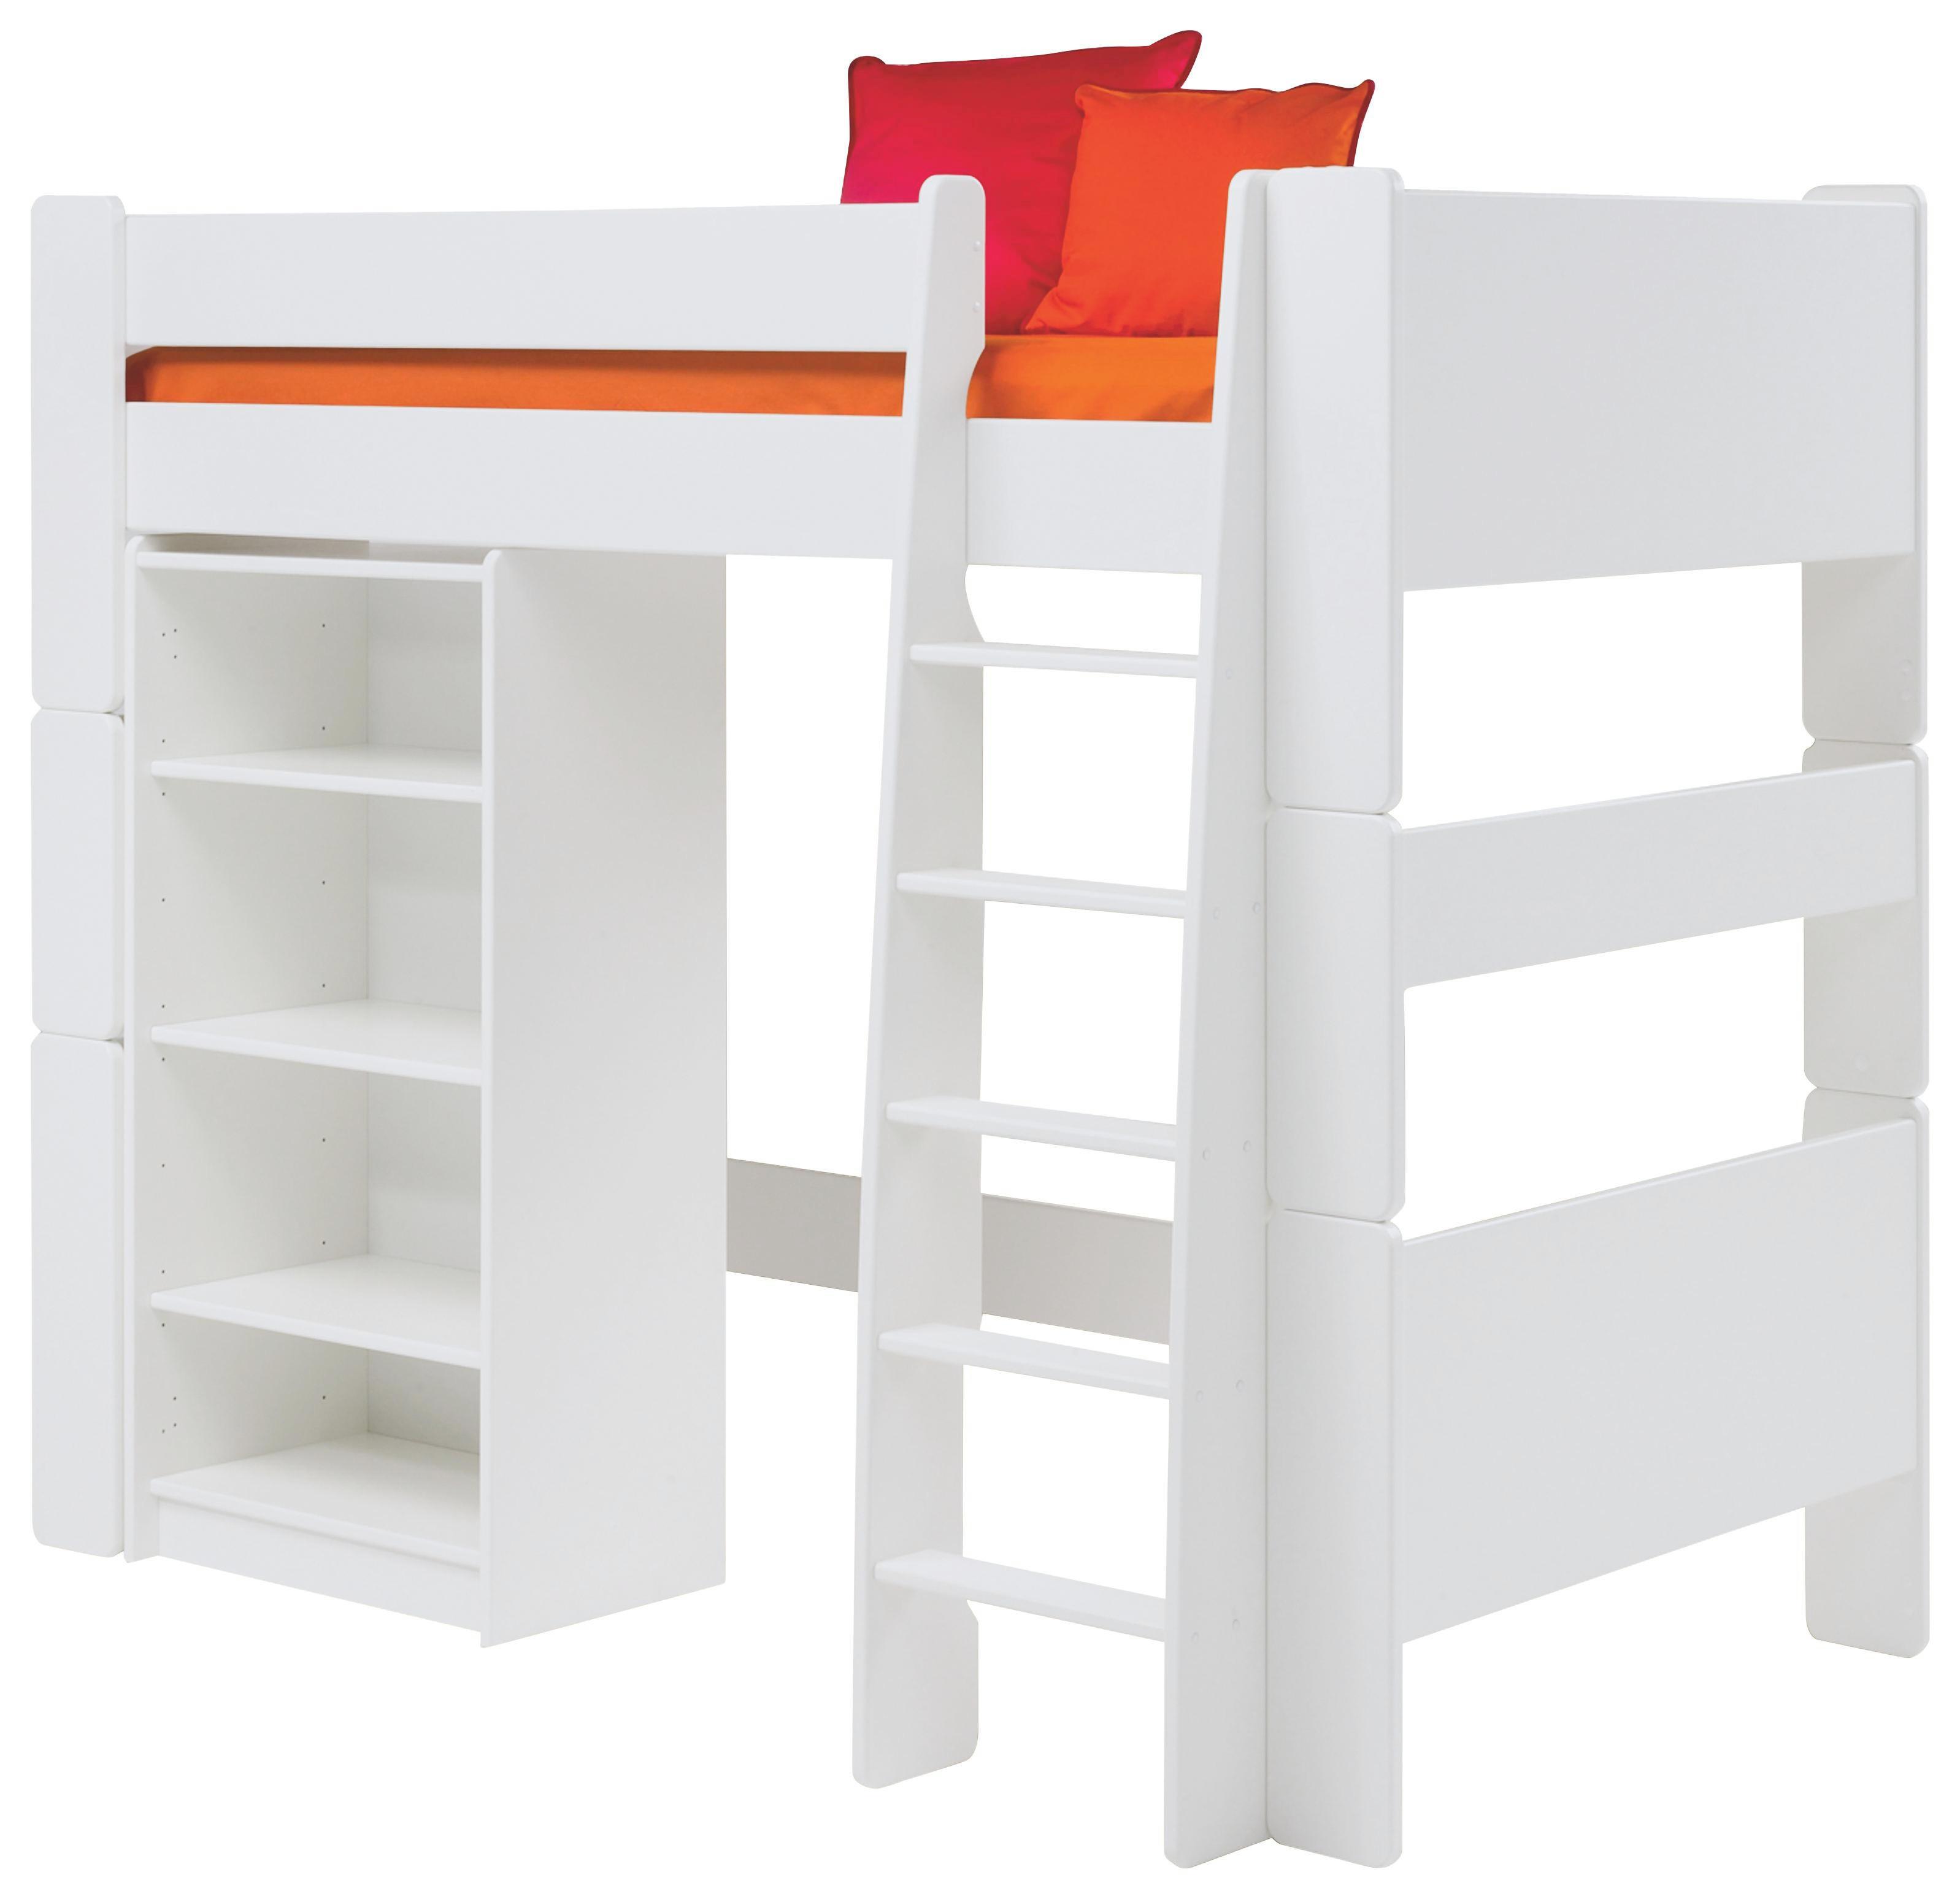 HOCHBETT Weiß - Weiß, LIFESTYLE, Holz (114/164/206cm) - CARRYHOME